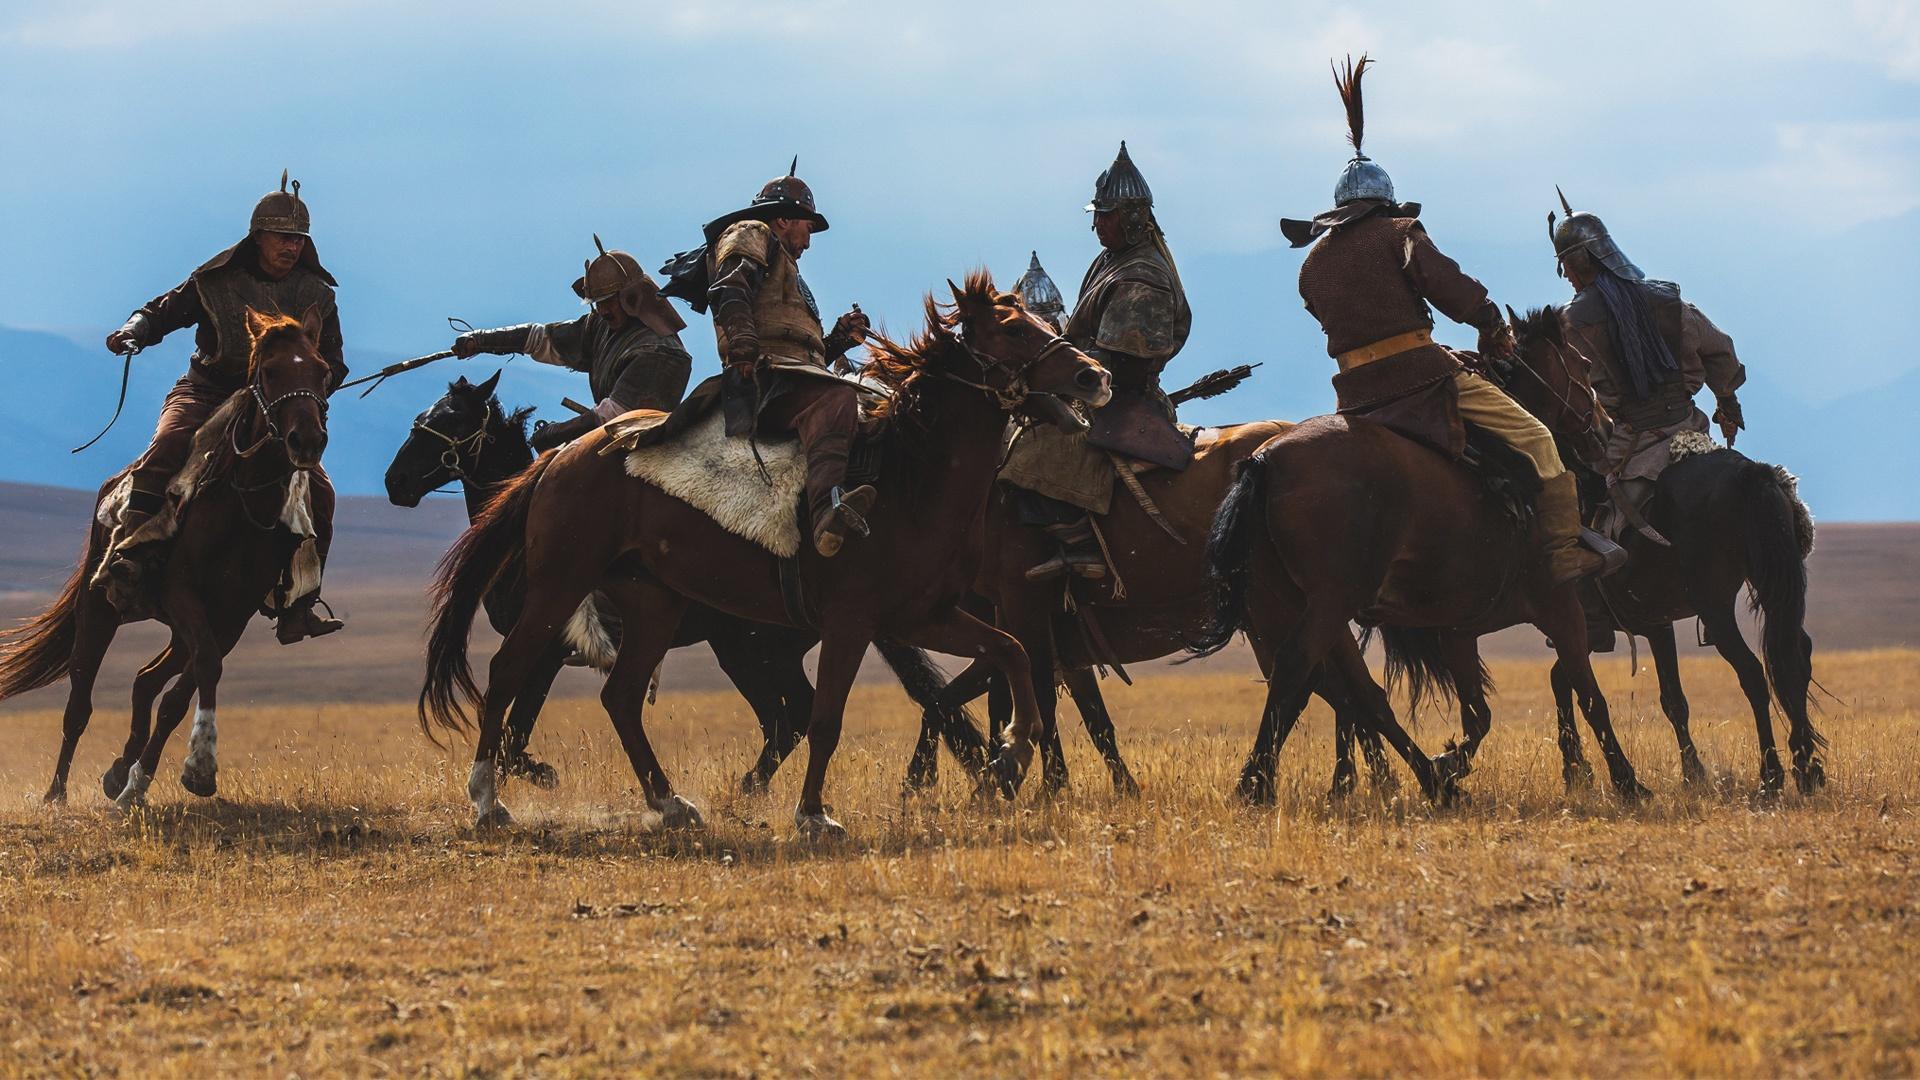 First Horse Warriors Nova Pbs